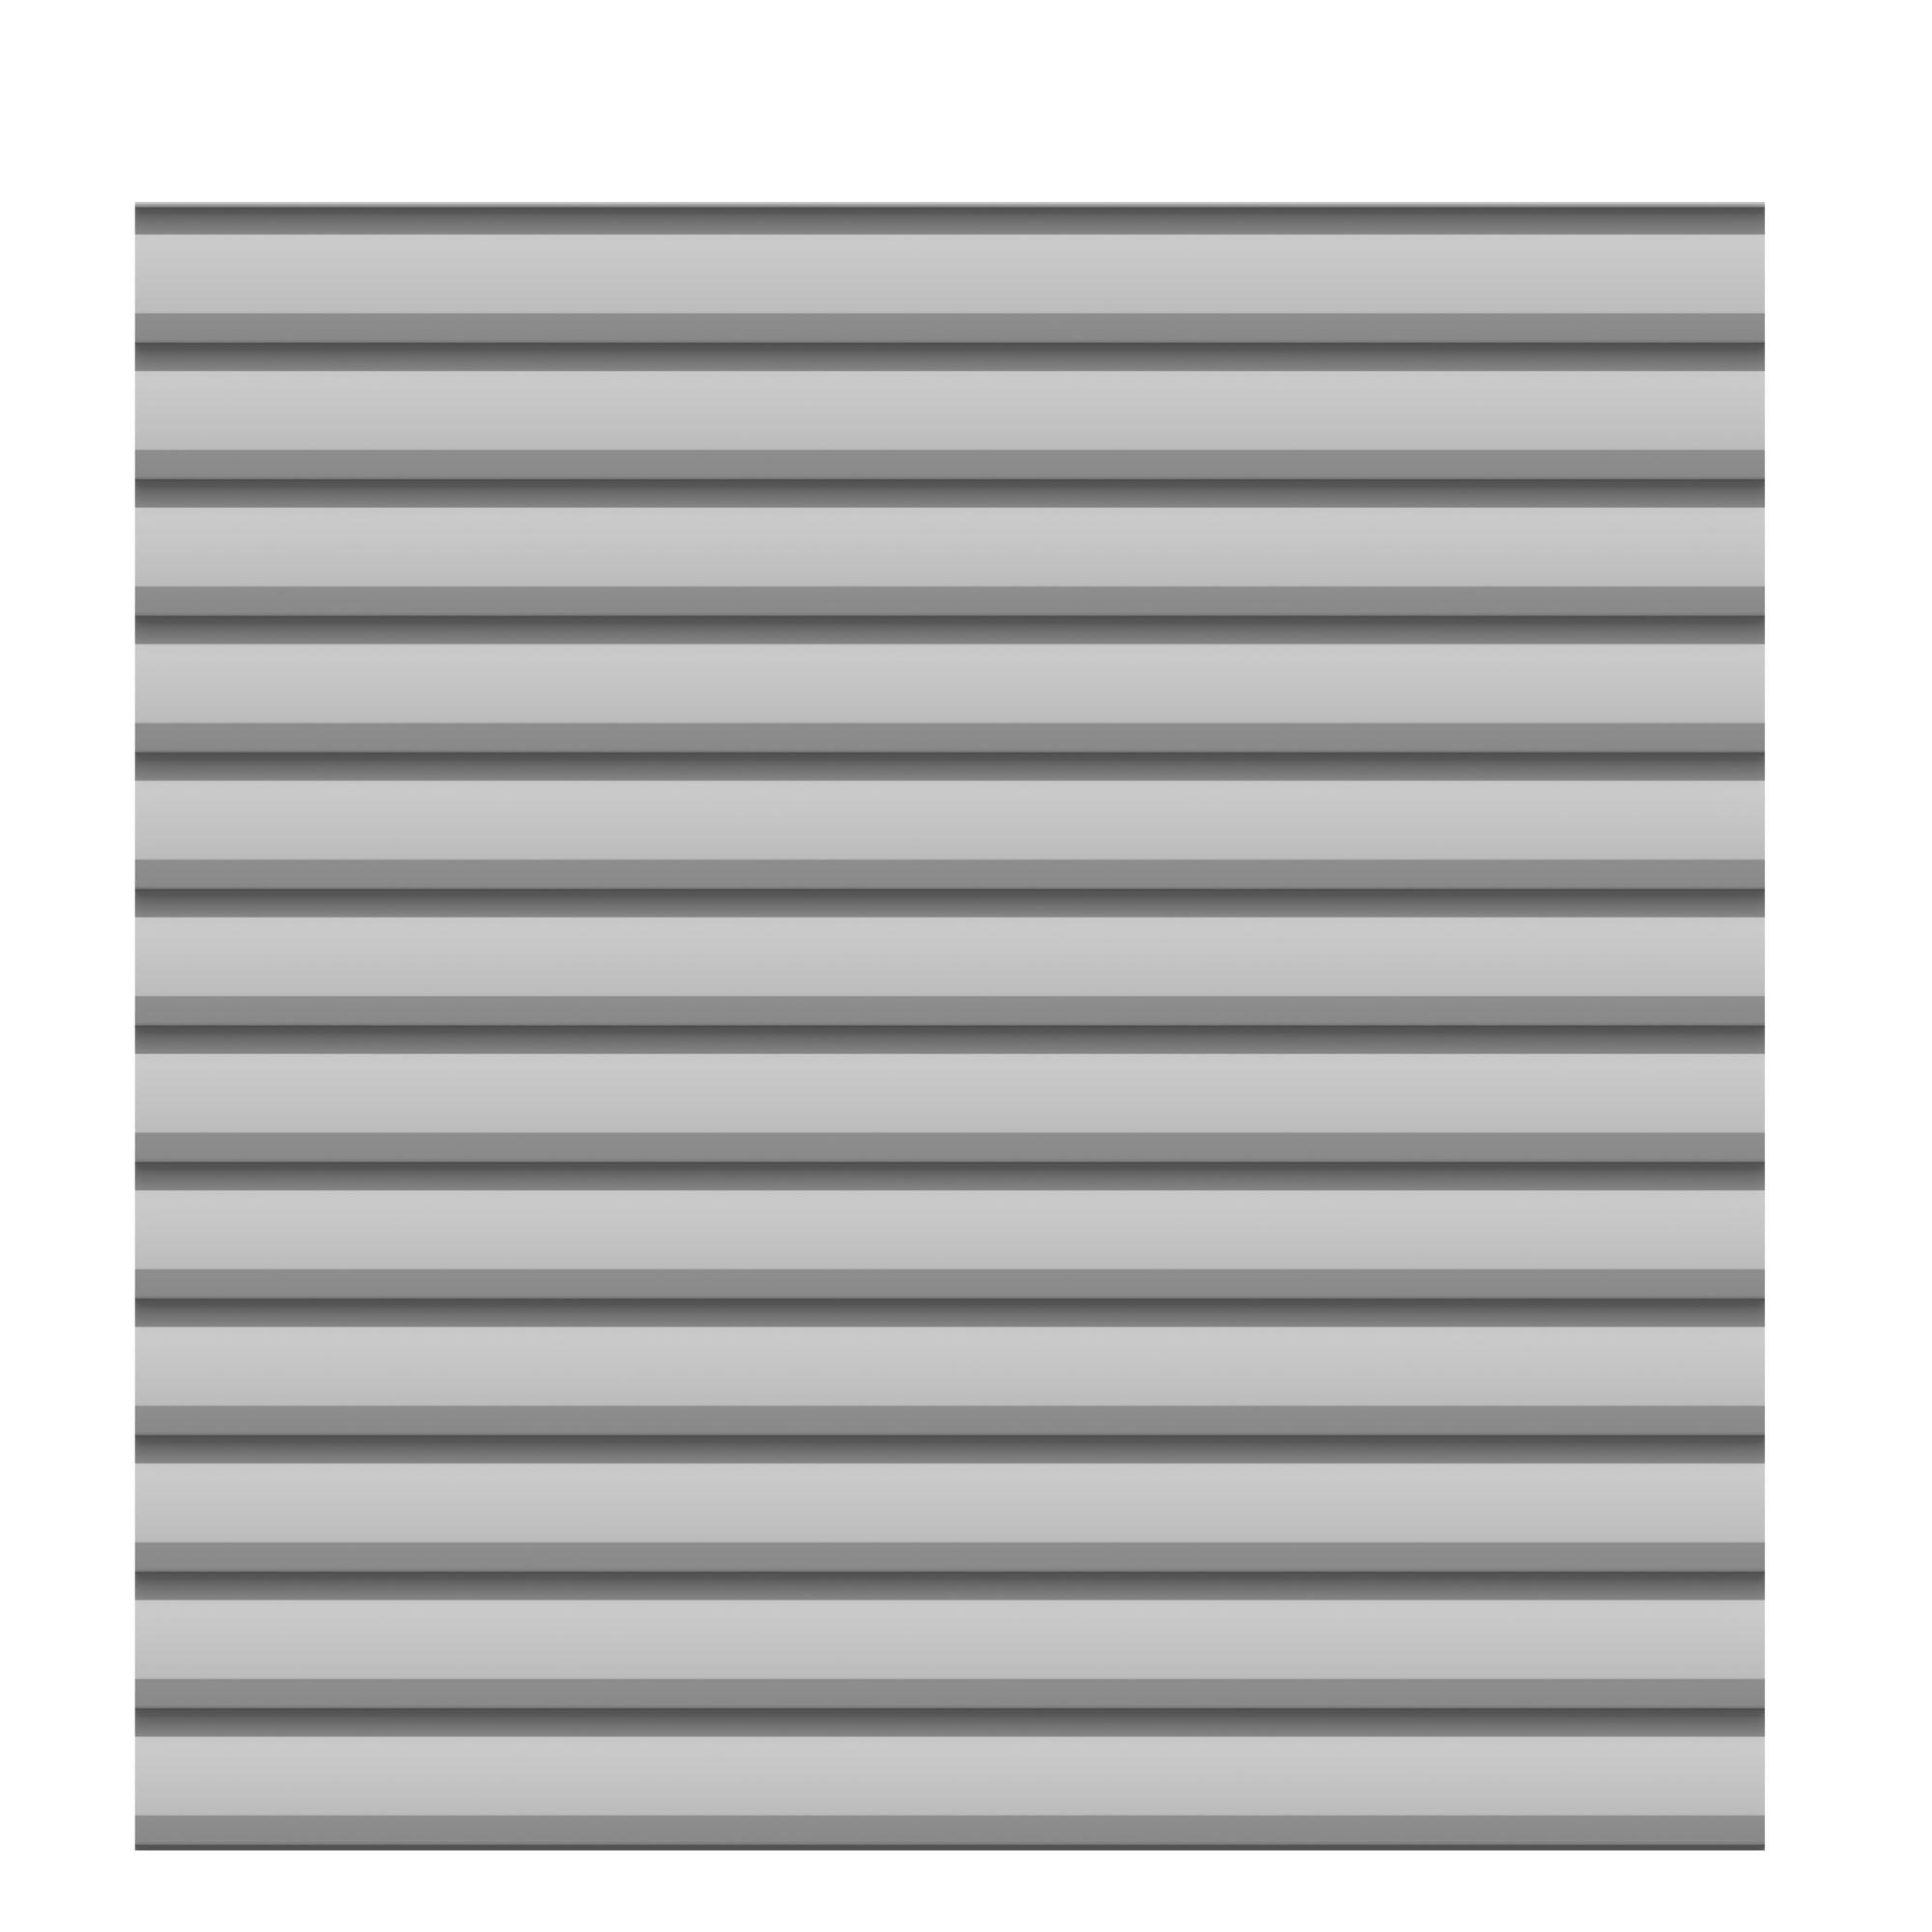 Sichtschutzzaun Traumgarten System Metall Basic silber 179x180cm Bild 1